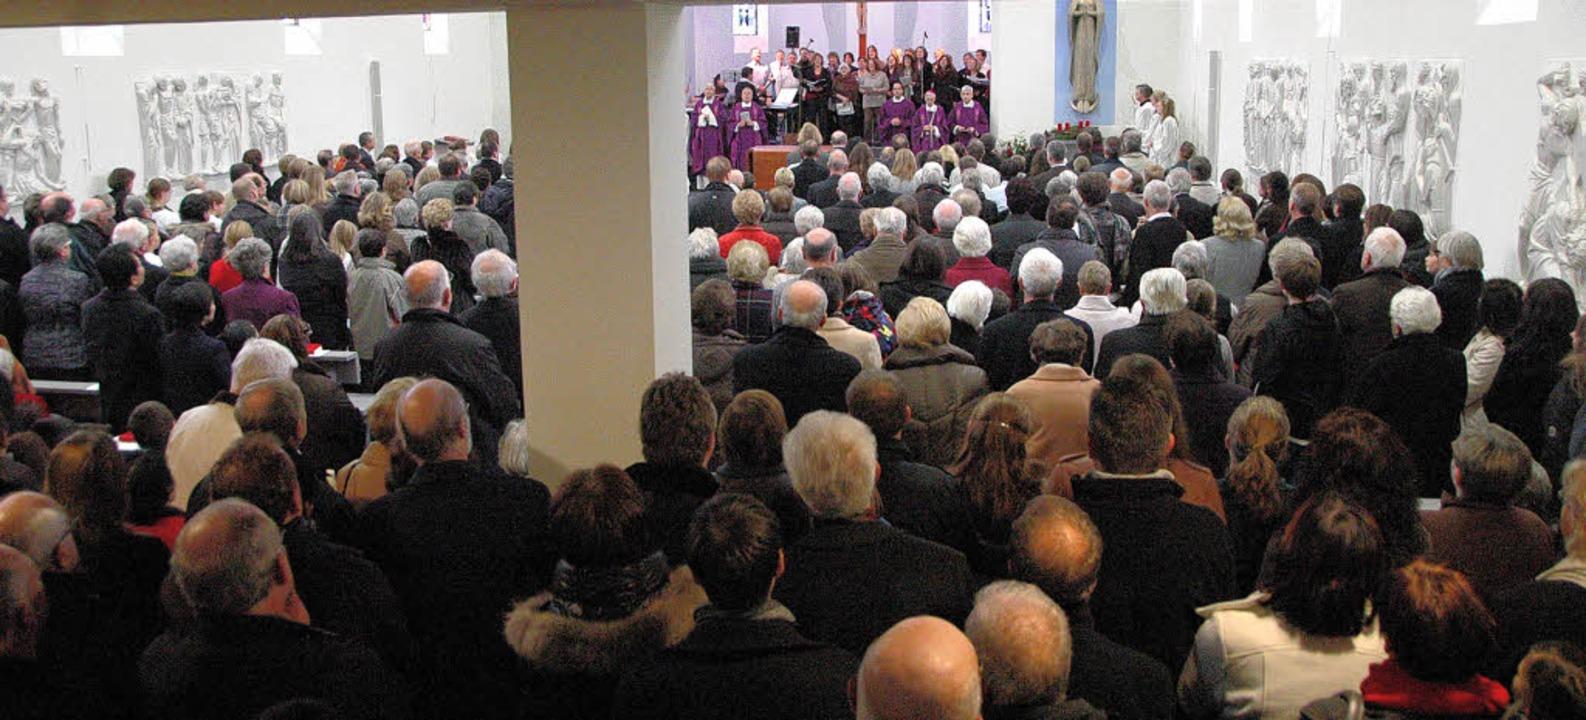 Viele Gläubige waren zur Einweihung de...che St. Maria nach Haltingen gekommen.  | Foto: Ounas